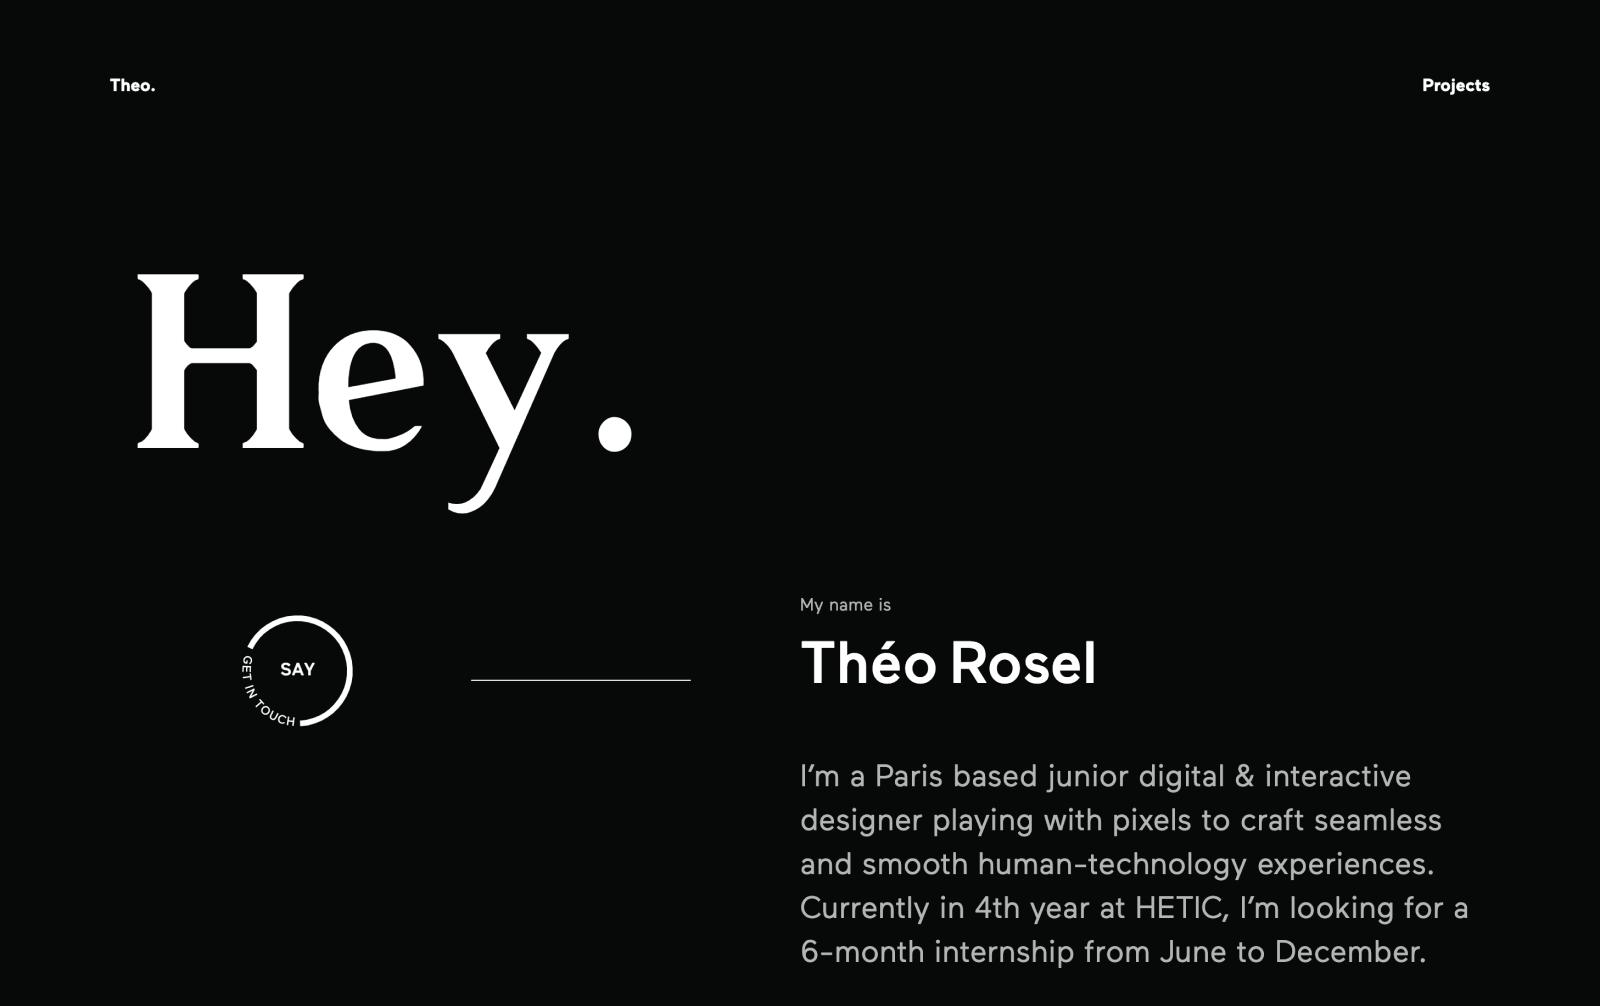 Theo Rosel portfolio